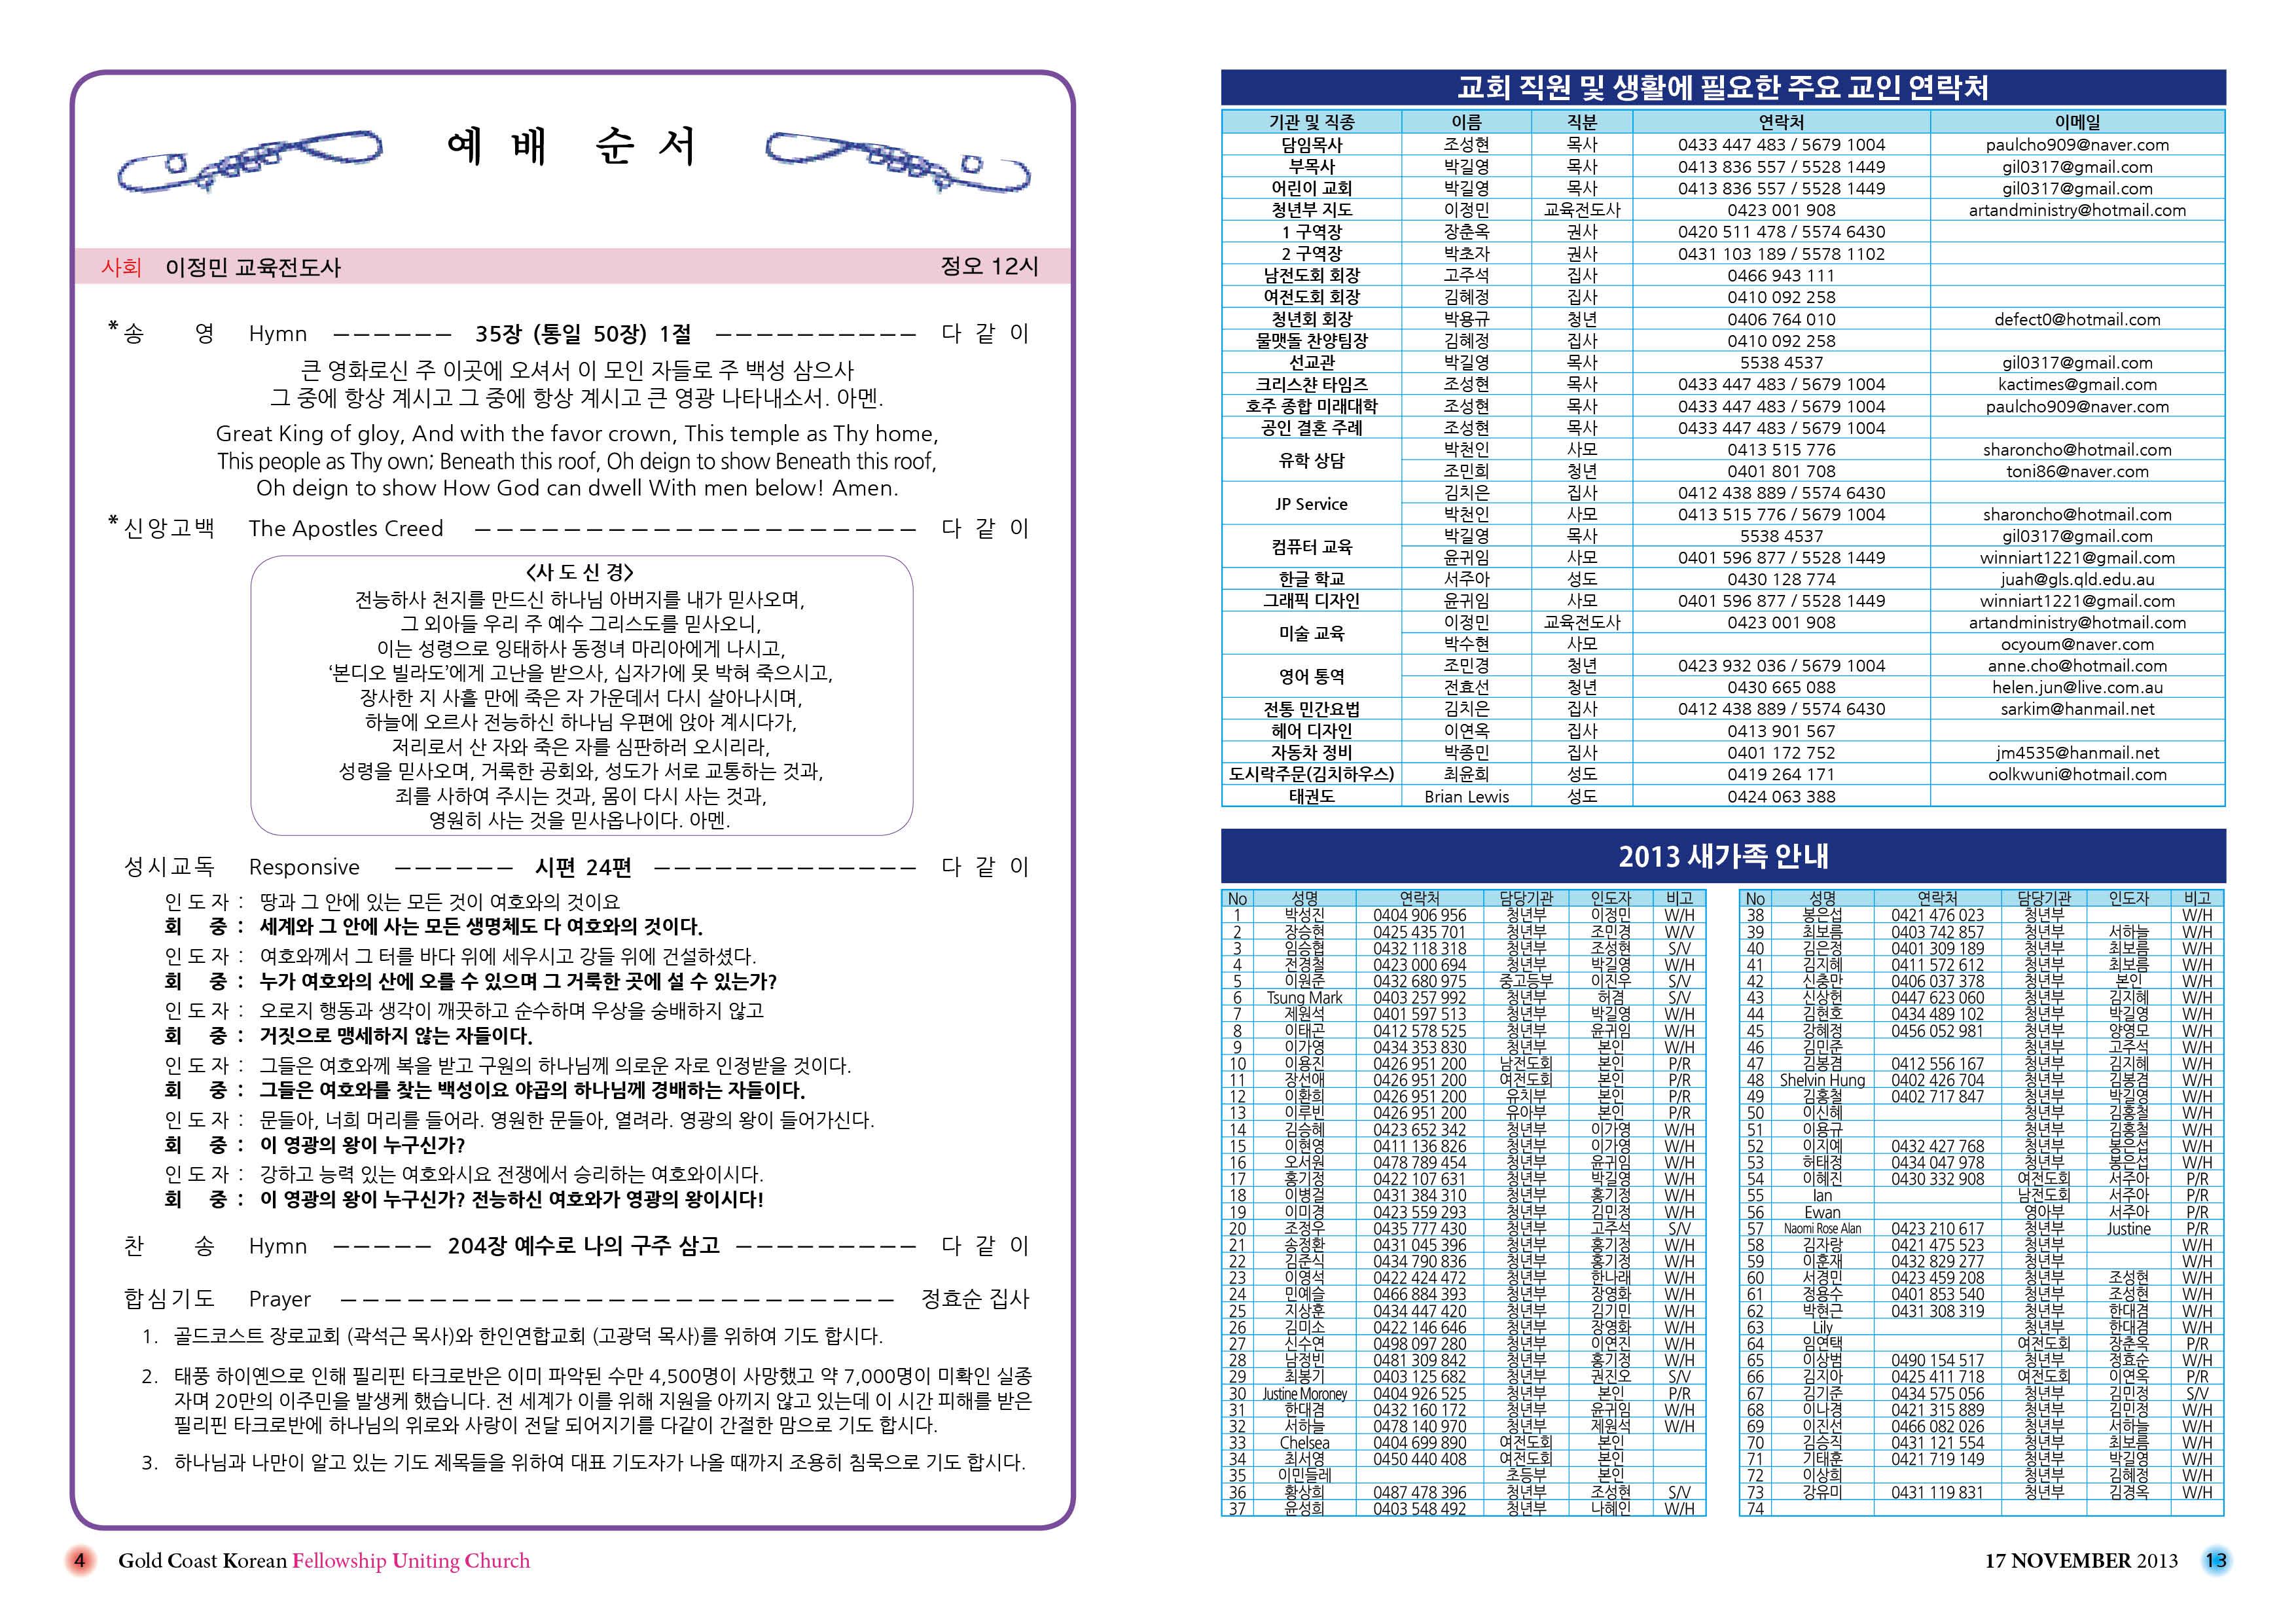 2013.11.17 주보(2차 수정)4.jpg